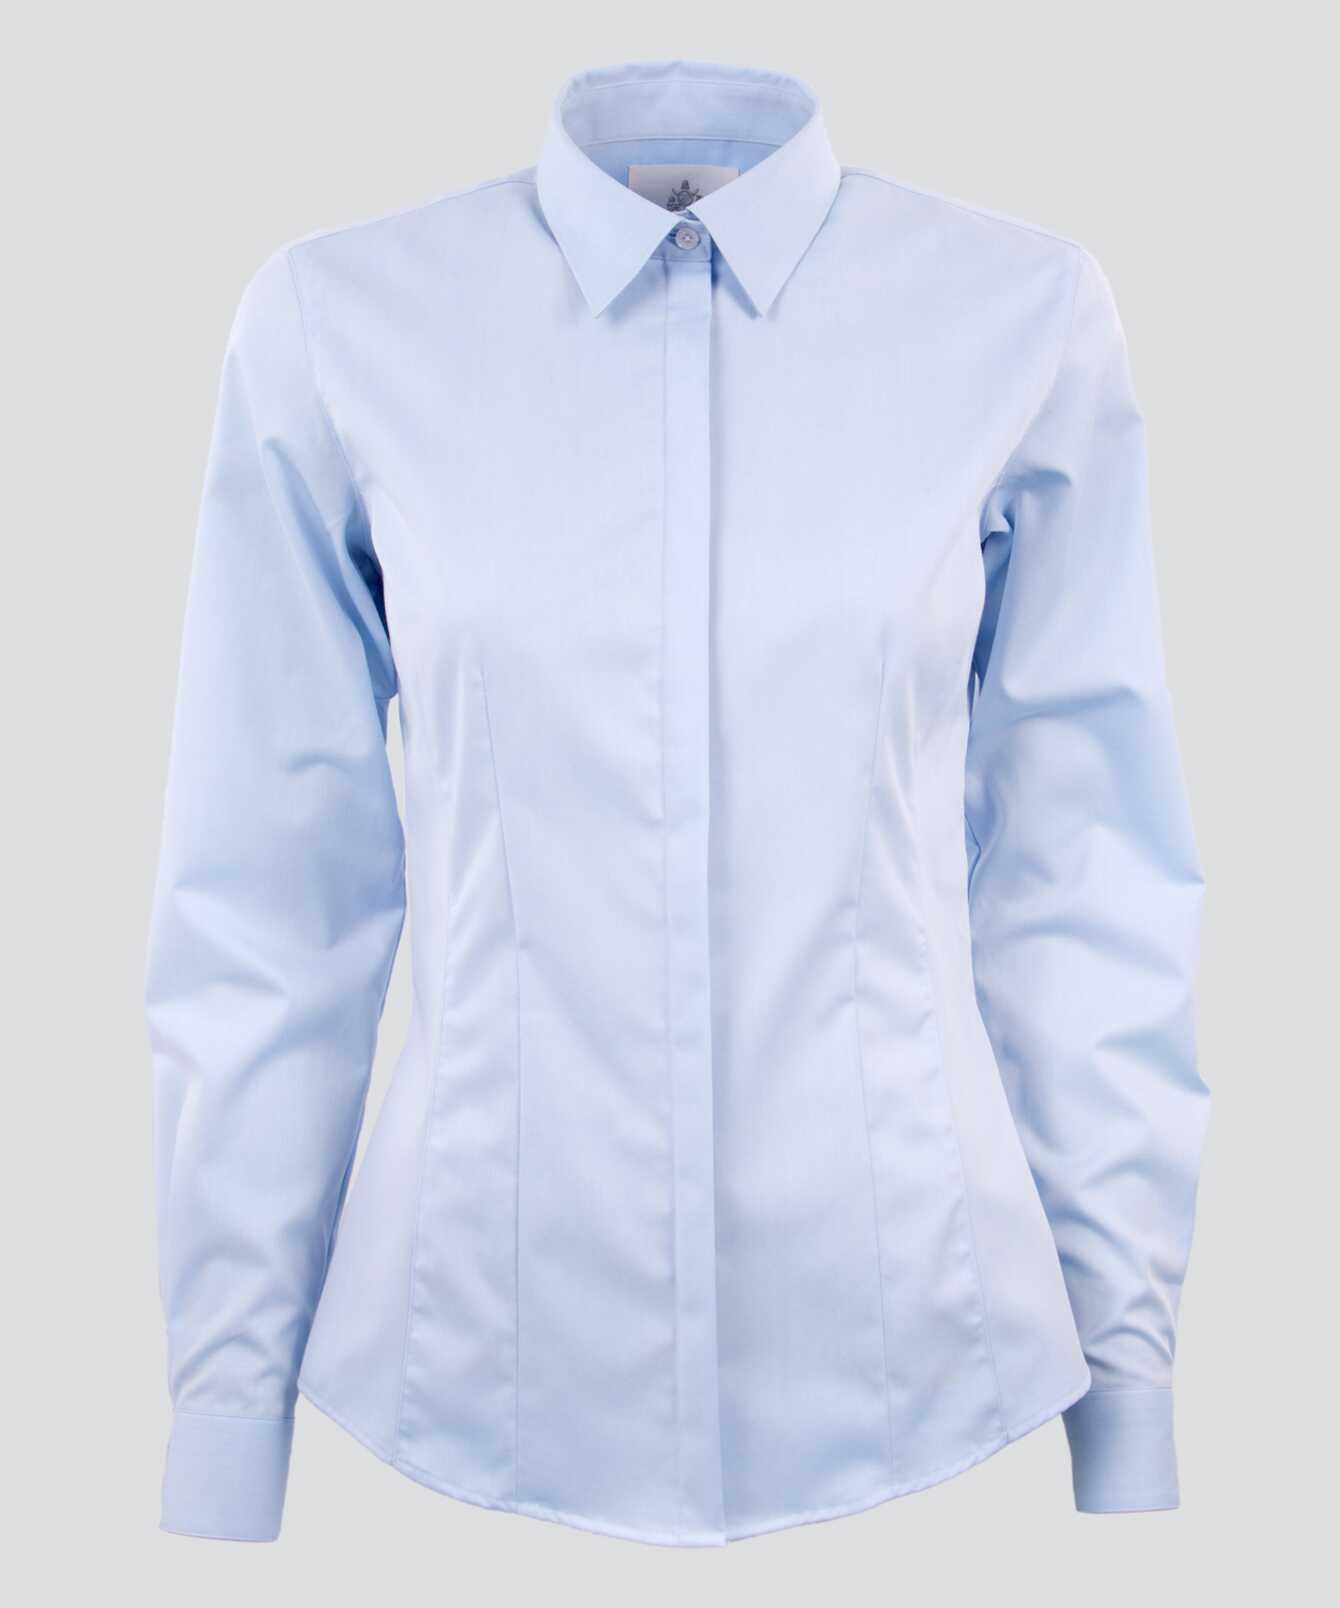 Skjorta Emma Grand Twill Ljusblå The Shirt Factory